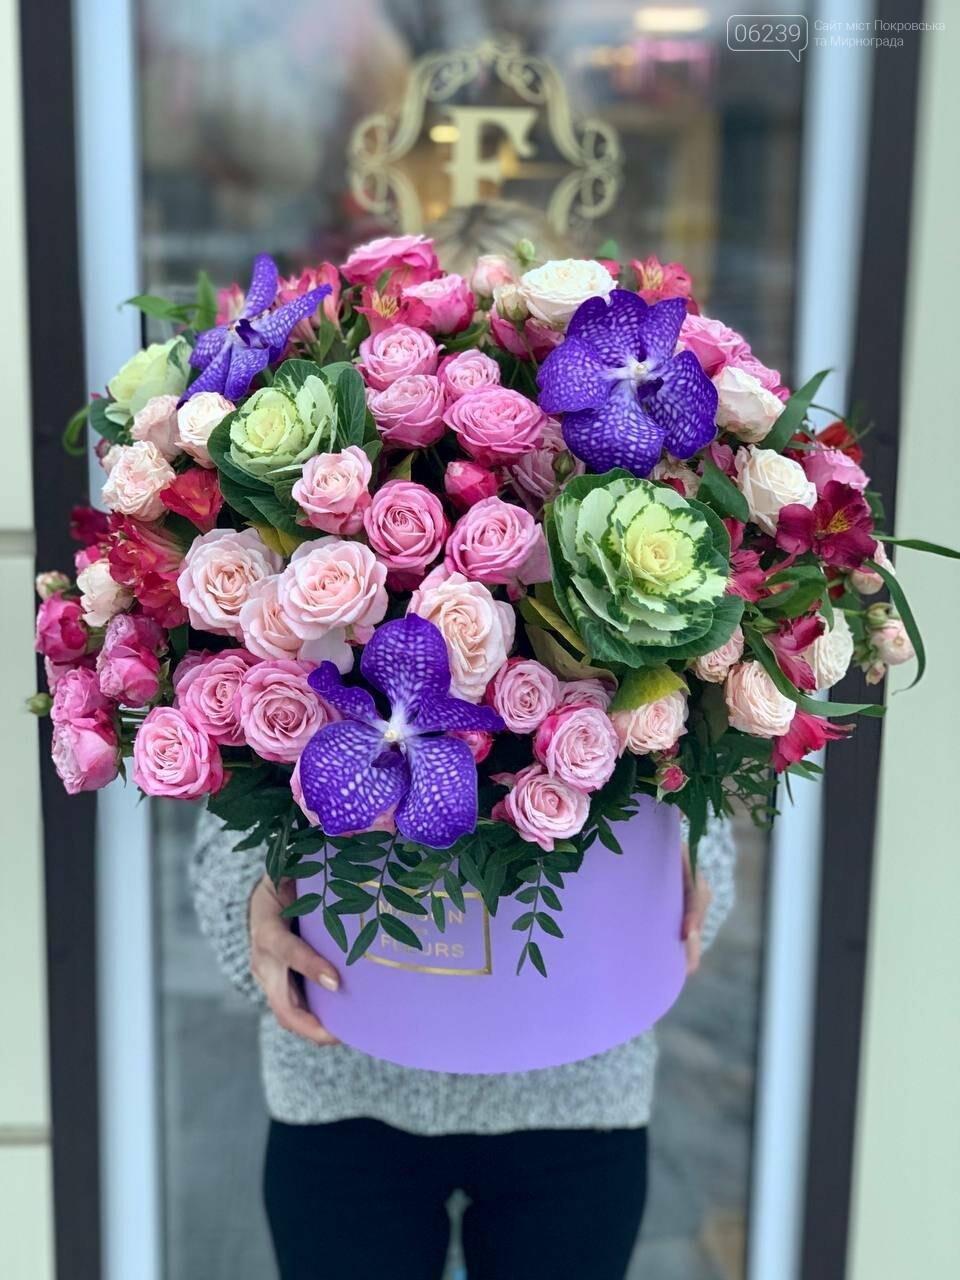 Роскошные тюльпаны, шикарные розы и нежные ирисы - салон цветов FLORIKA готов к 8 Марта, фото-18